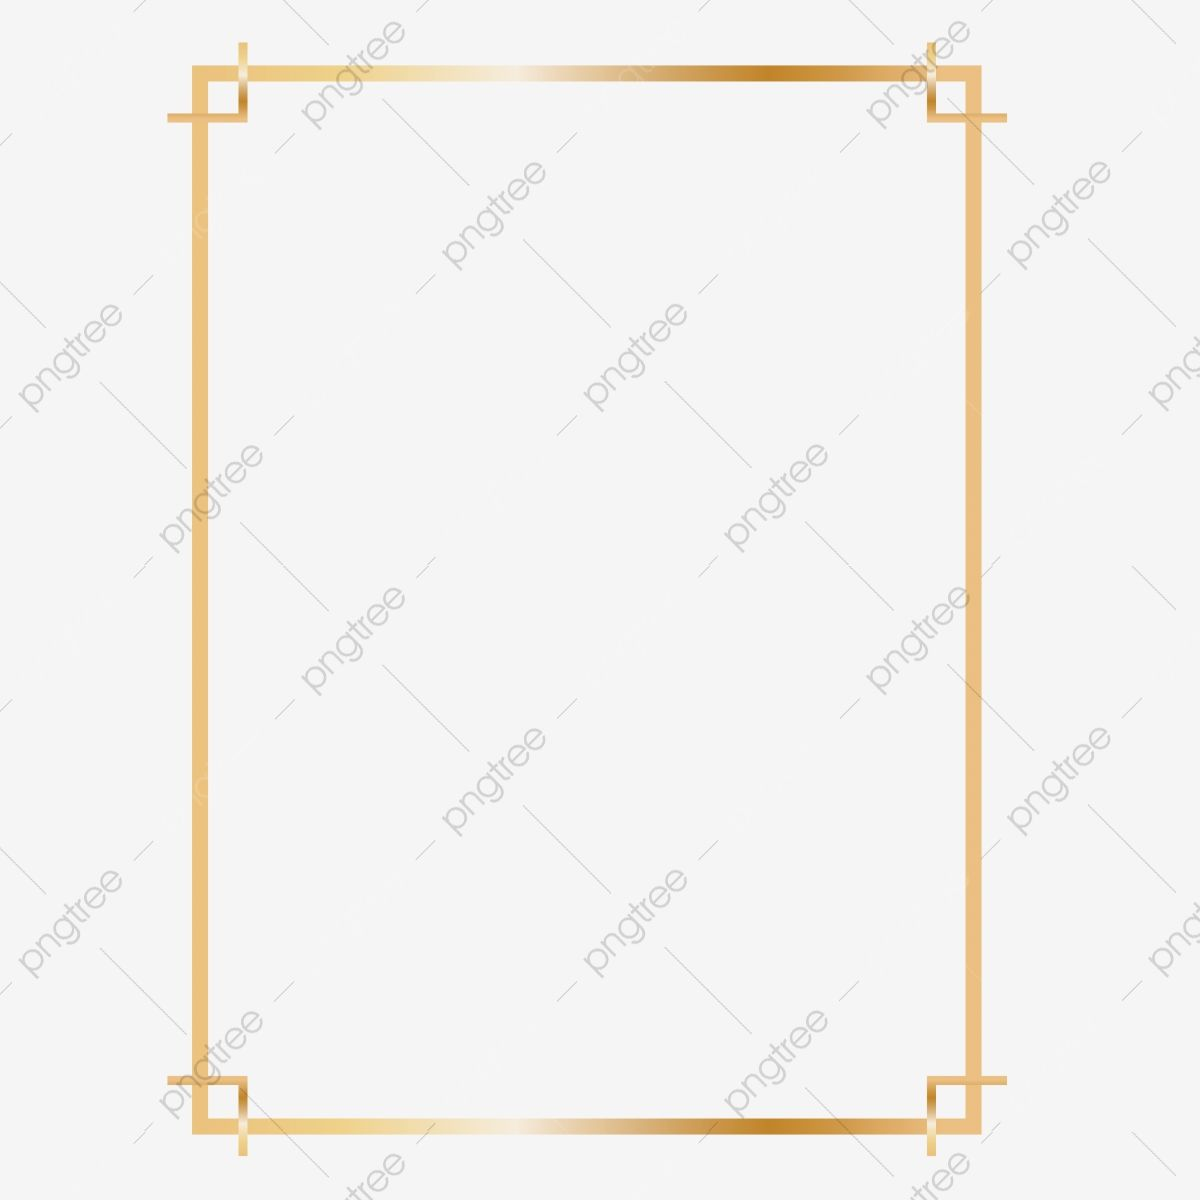 Download This Golden Rectangle Frame Design Clipart Png Rectangle Rectangle Frame Rectangle Gold Frame Transparent Png Or Vecto Frame Design Clip Art Design